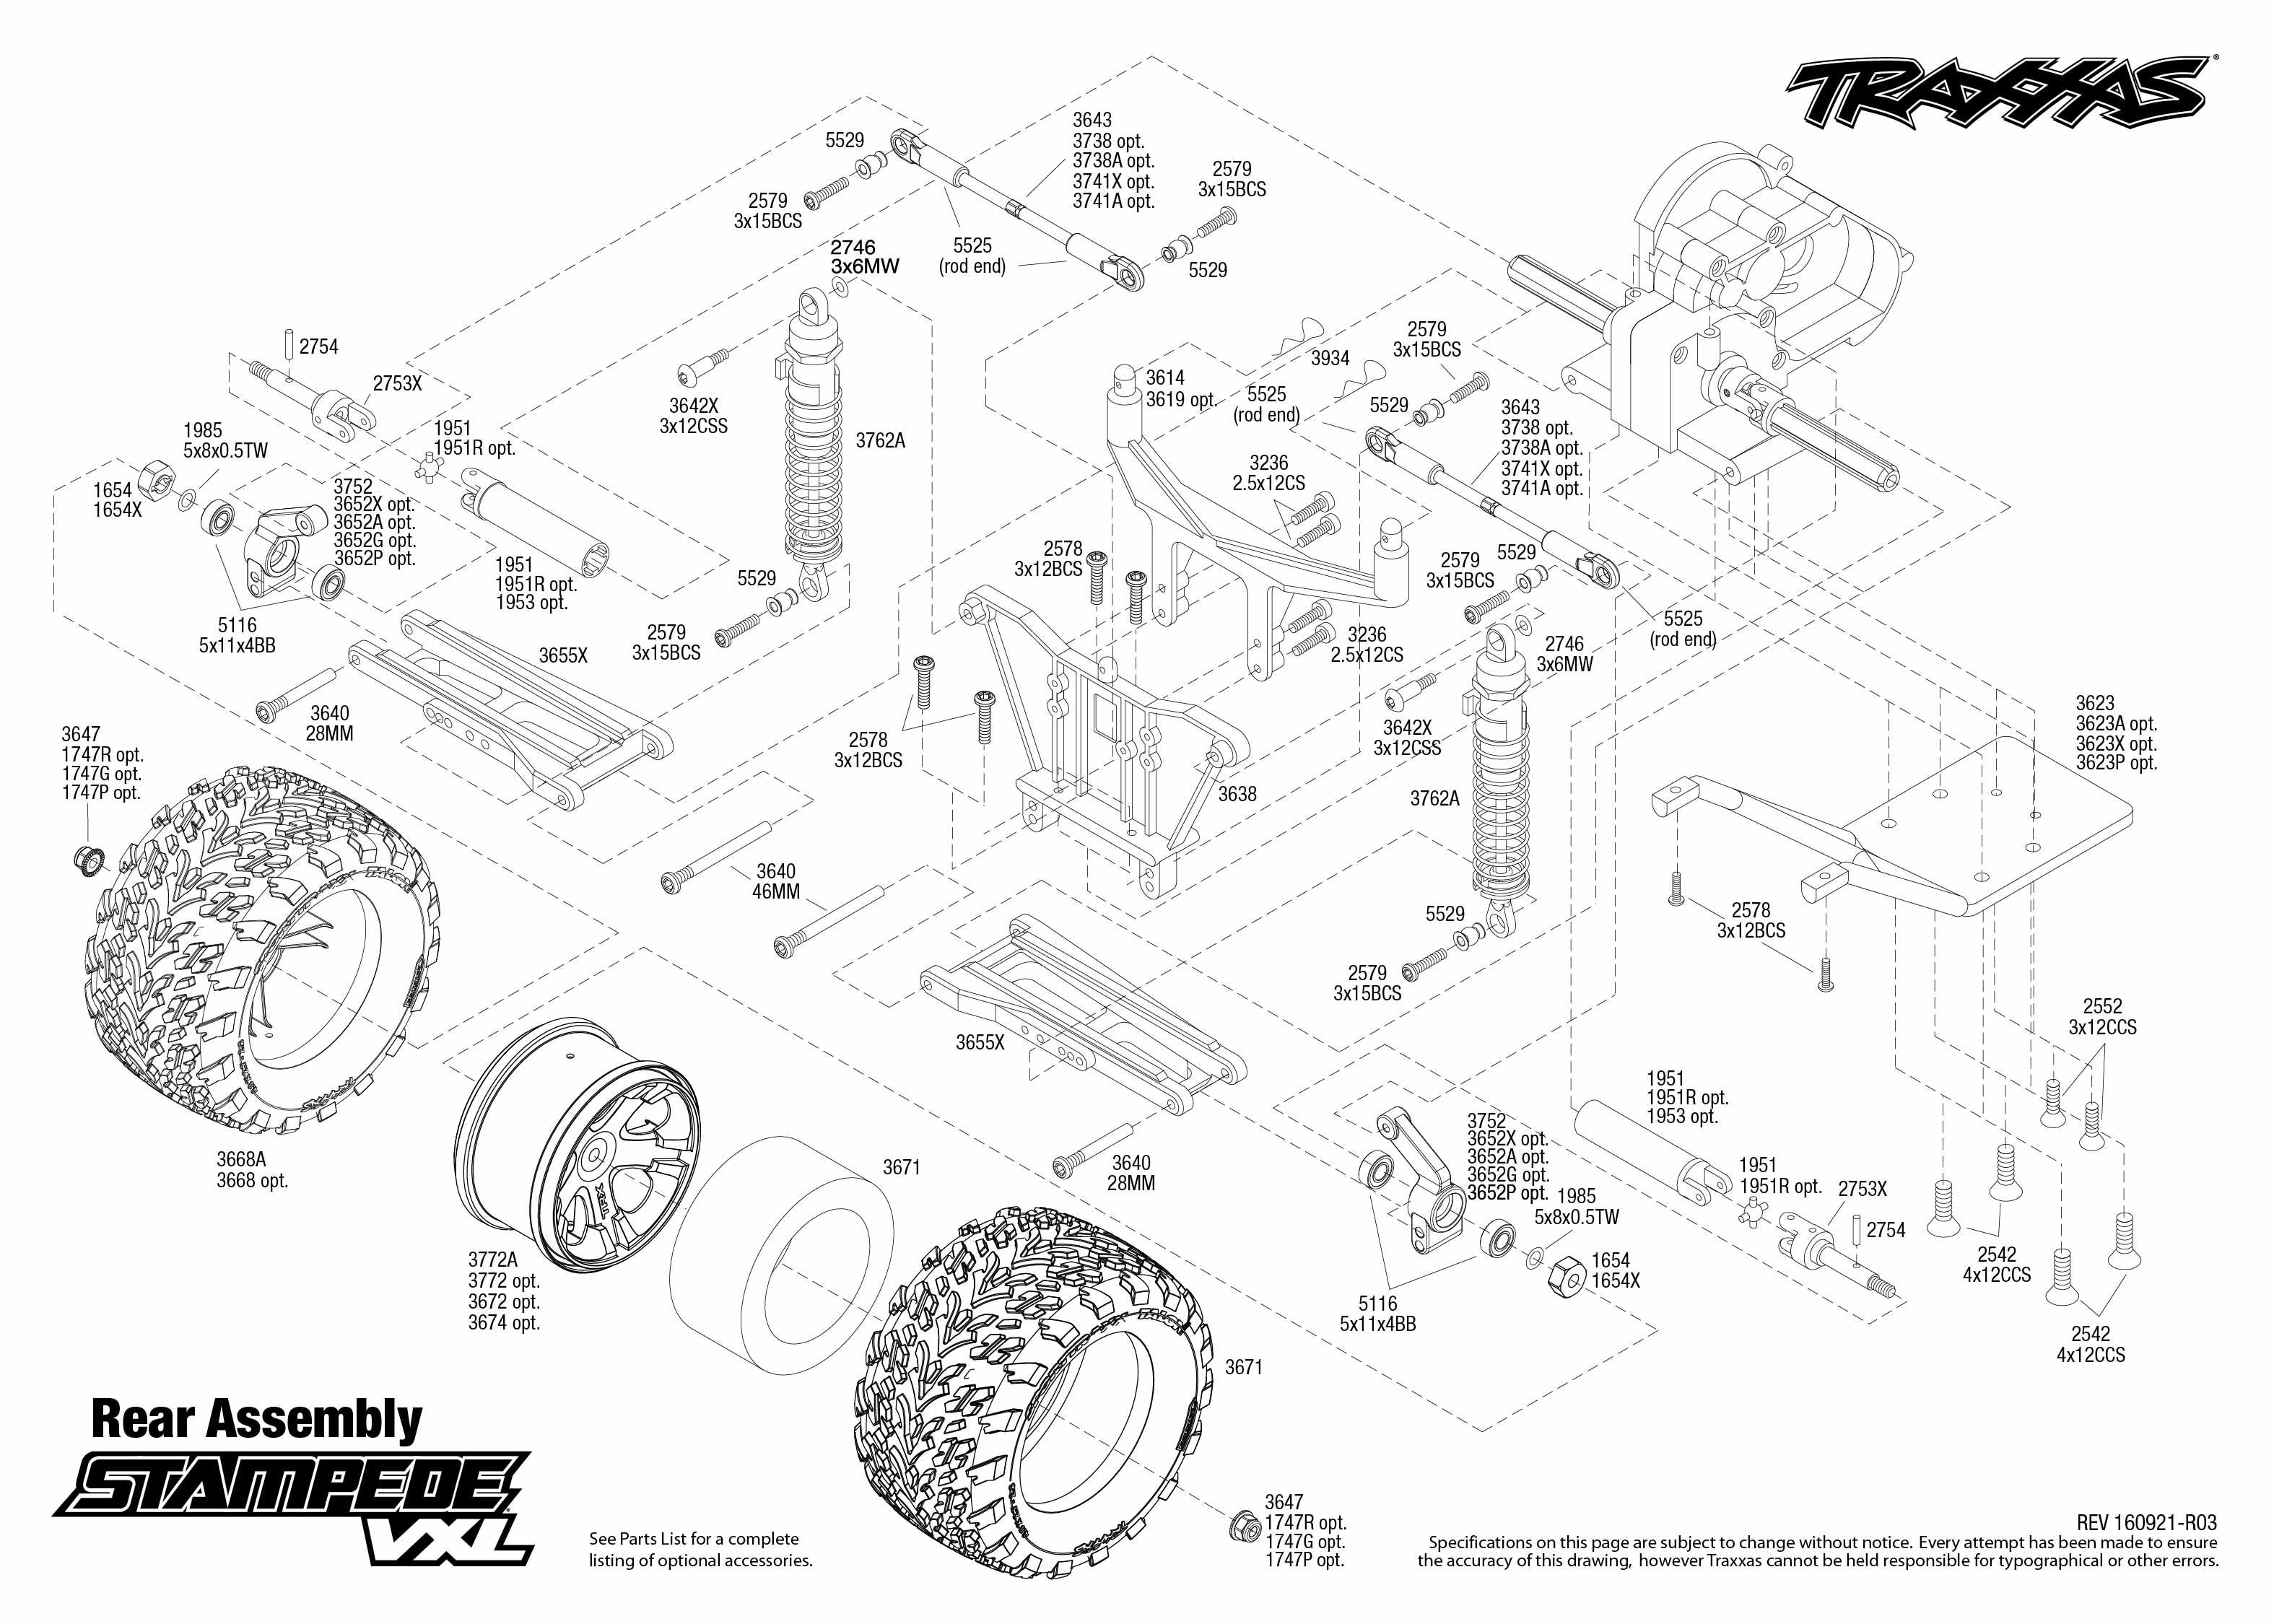 [WRG-7265] Traxxas Jato Wiring Diagram